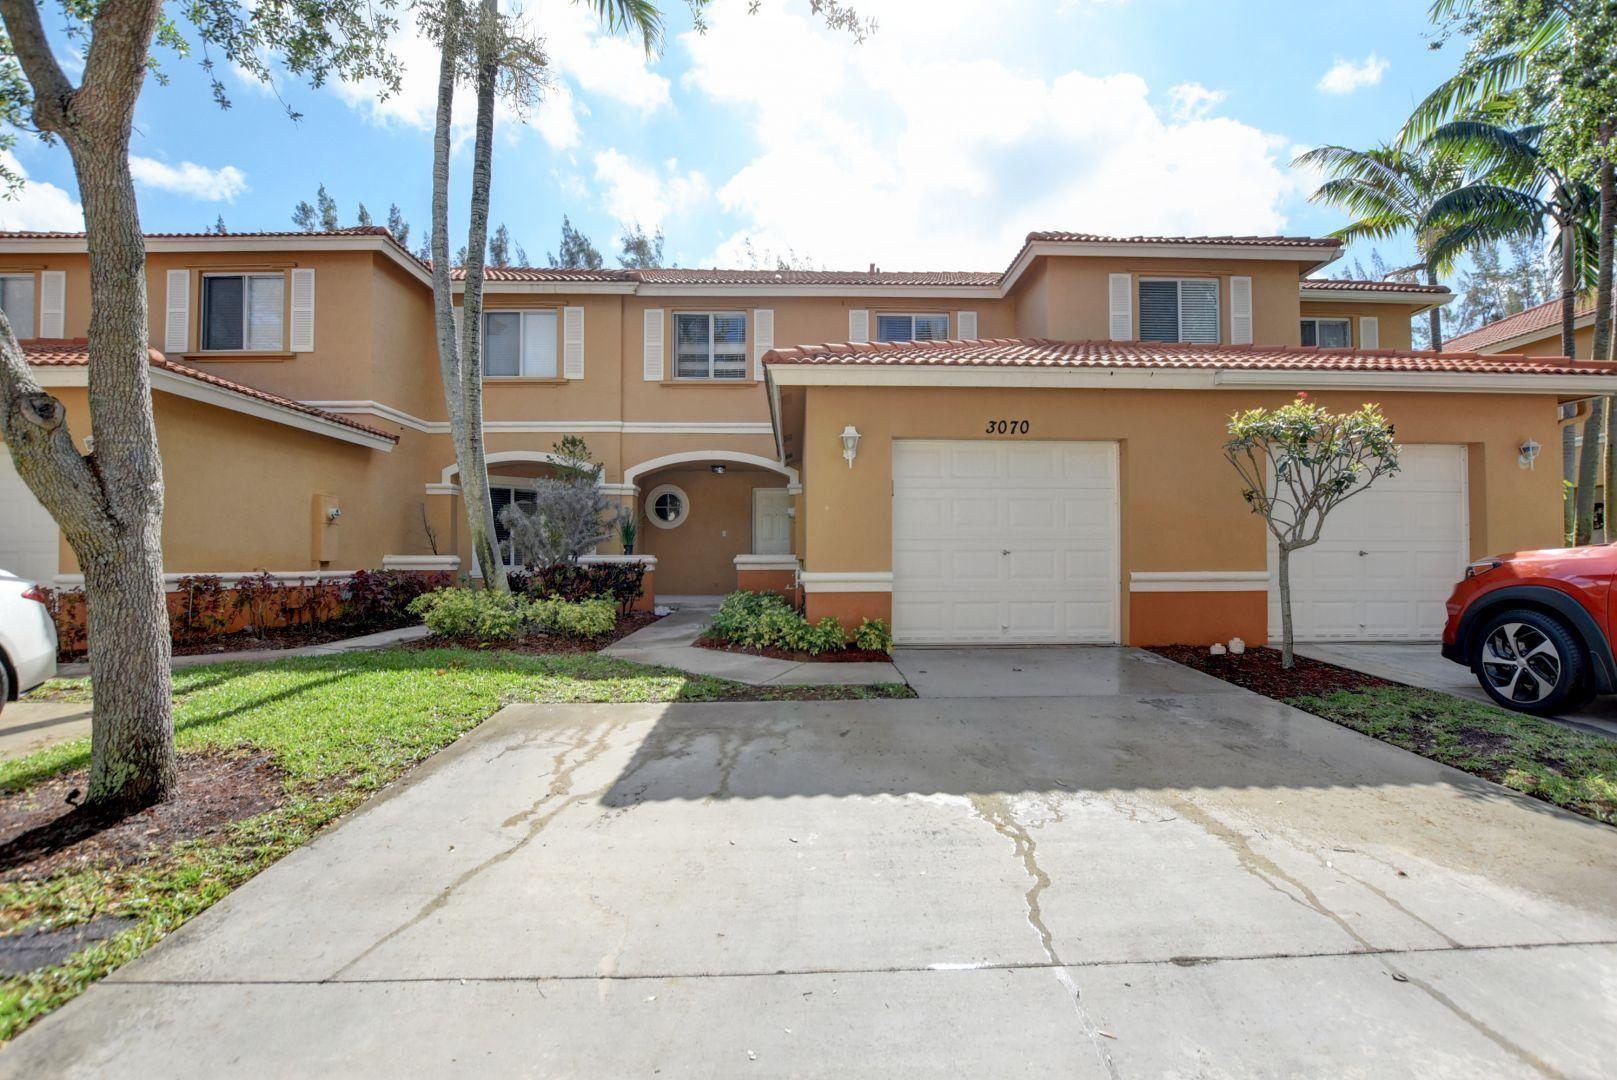 3070 Waddell Avenue, West Palm Beach, FL 33411 - #: RX-10660516